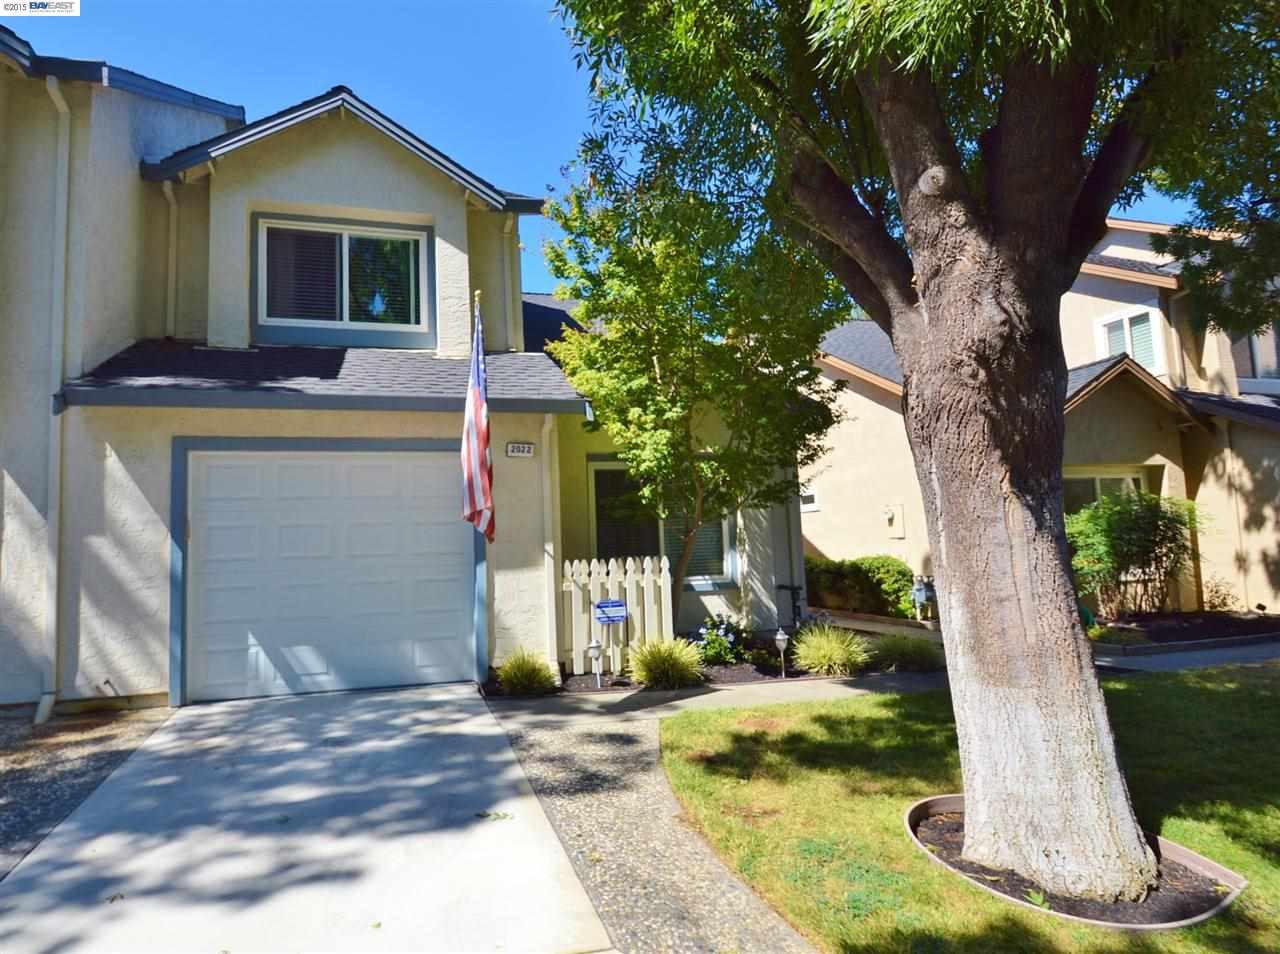 Einfamilienhaus für Verkauf beim 2022 ALEXANDER Court Pleasanton, Kalifornien 94588 Vereinigte Staaten